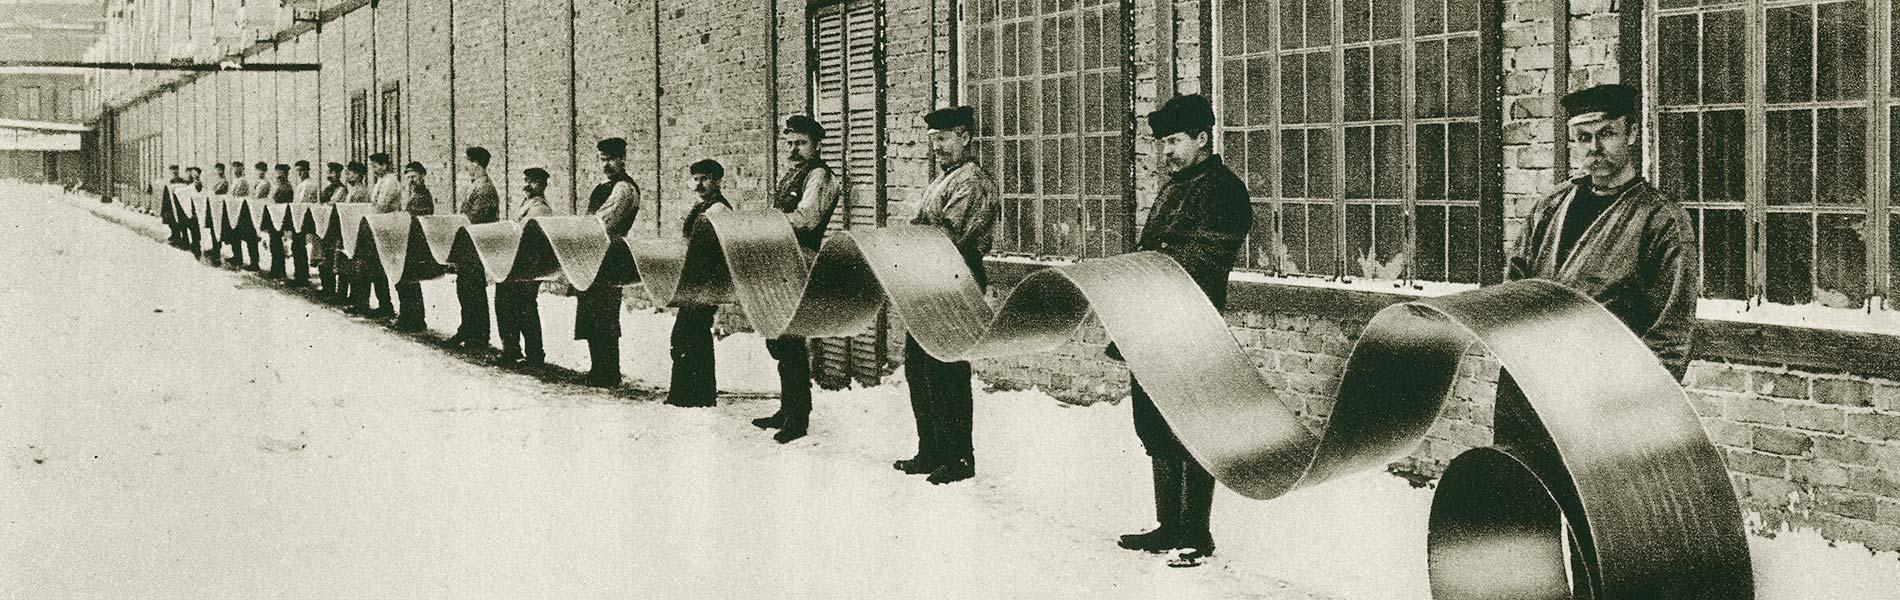 Arbetare håller i ett stålband